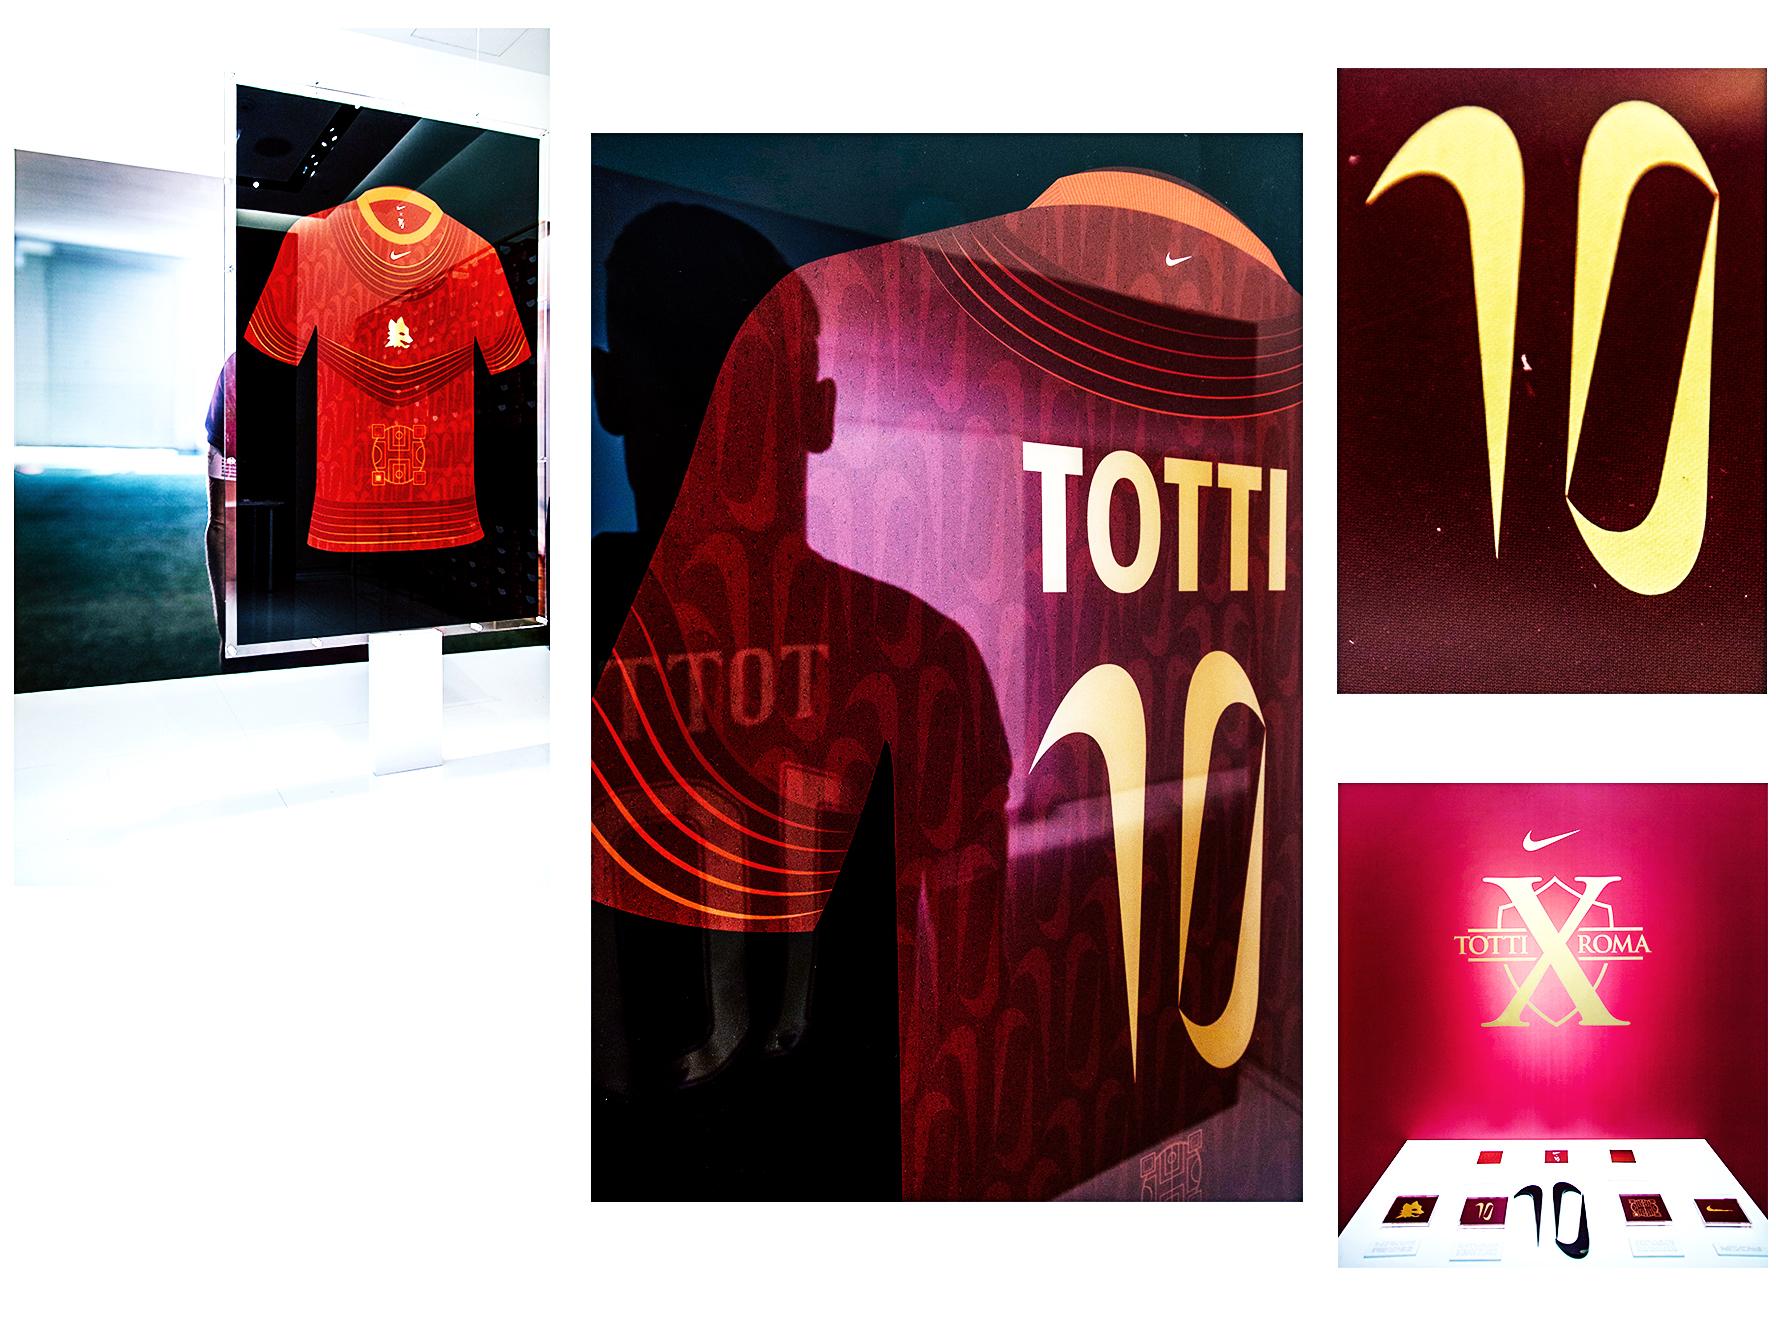 Tiempo Totti X Roma - Day 1 - Design: la jersey del futuro | Collater.al